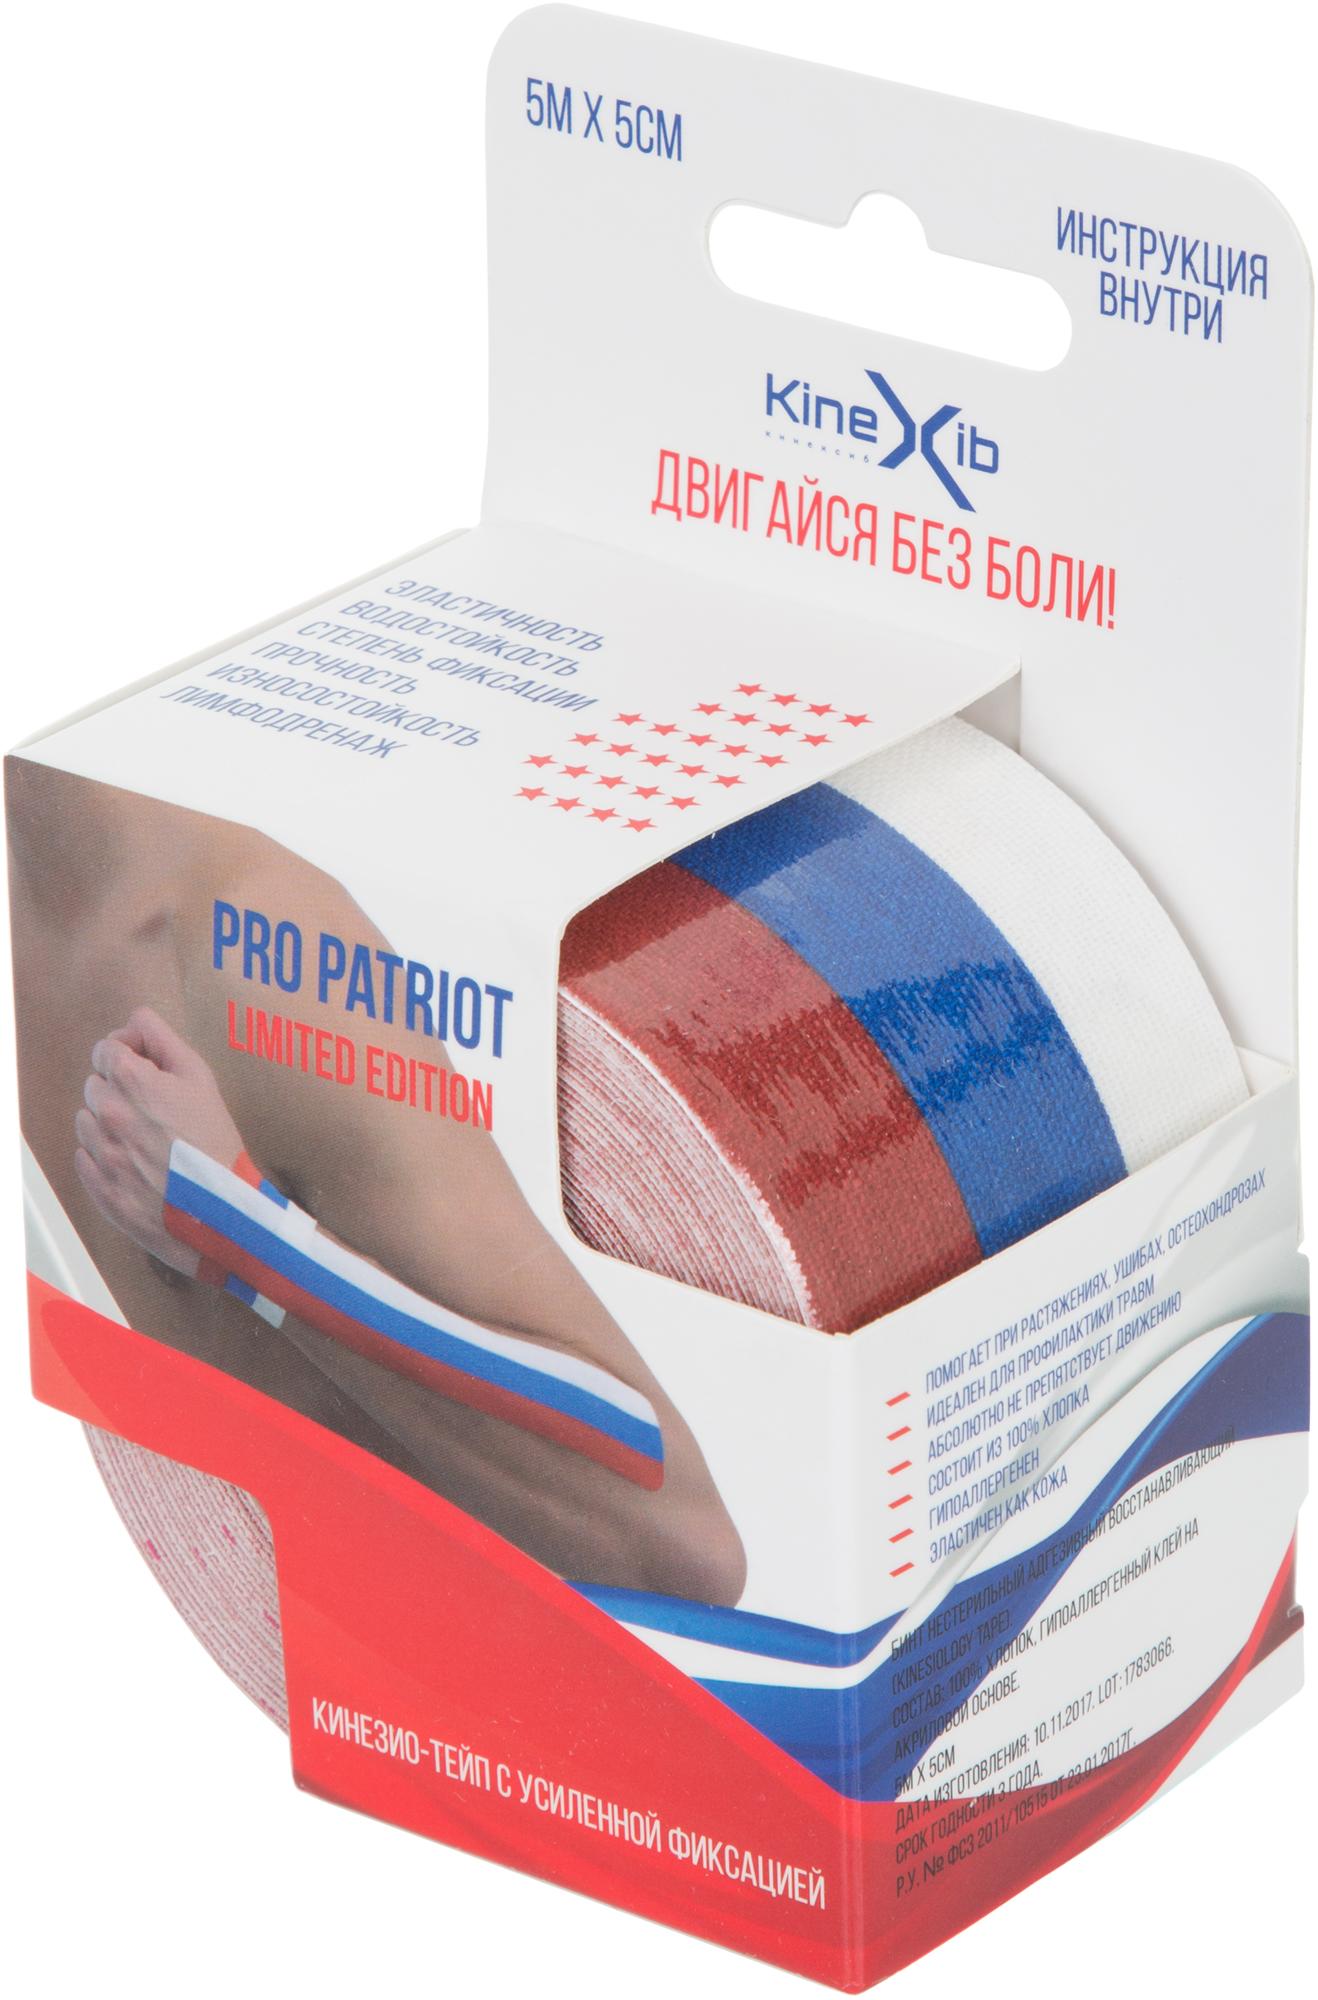 Kinexib Тейп Kinexib PRO PATRIOT, размер Без размера